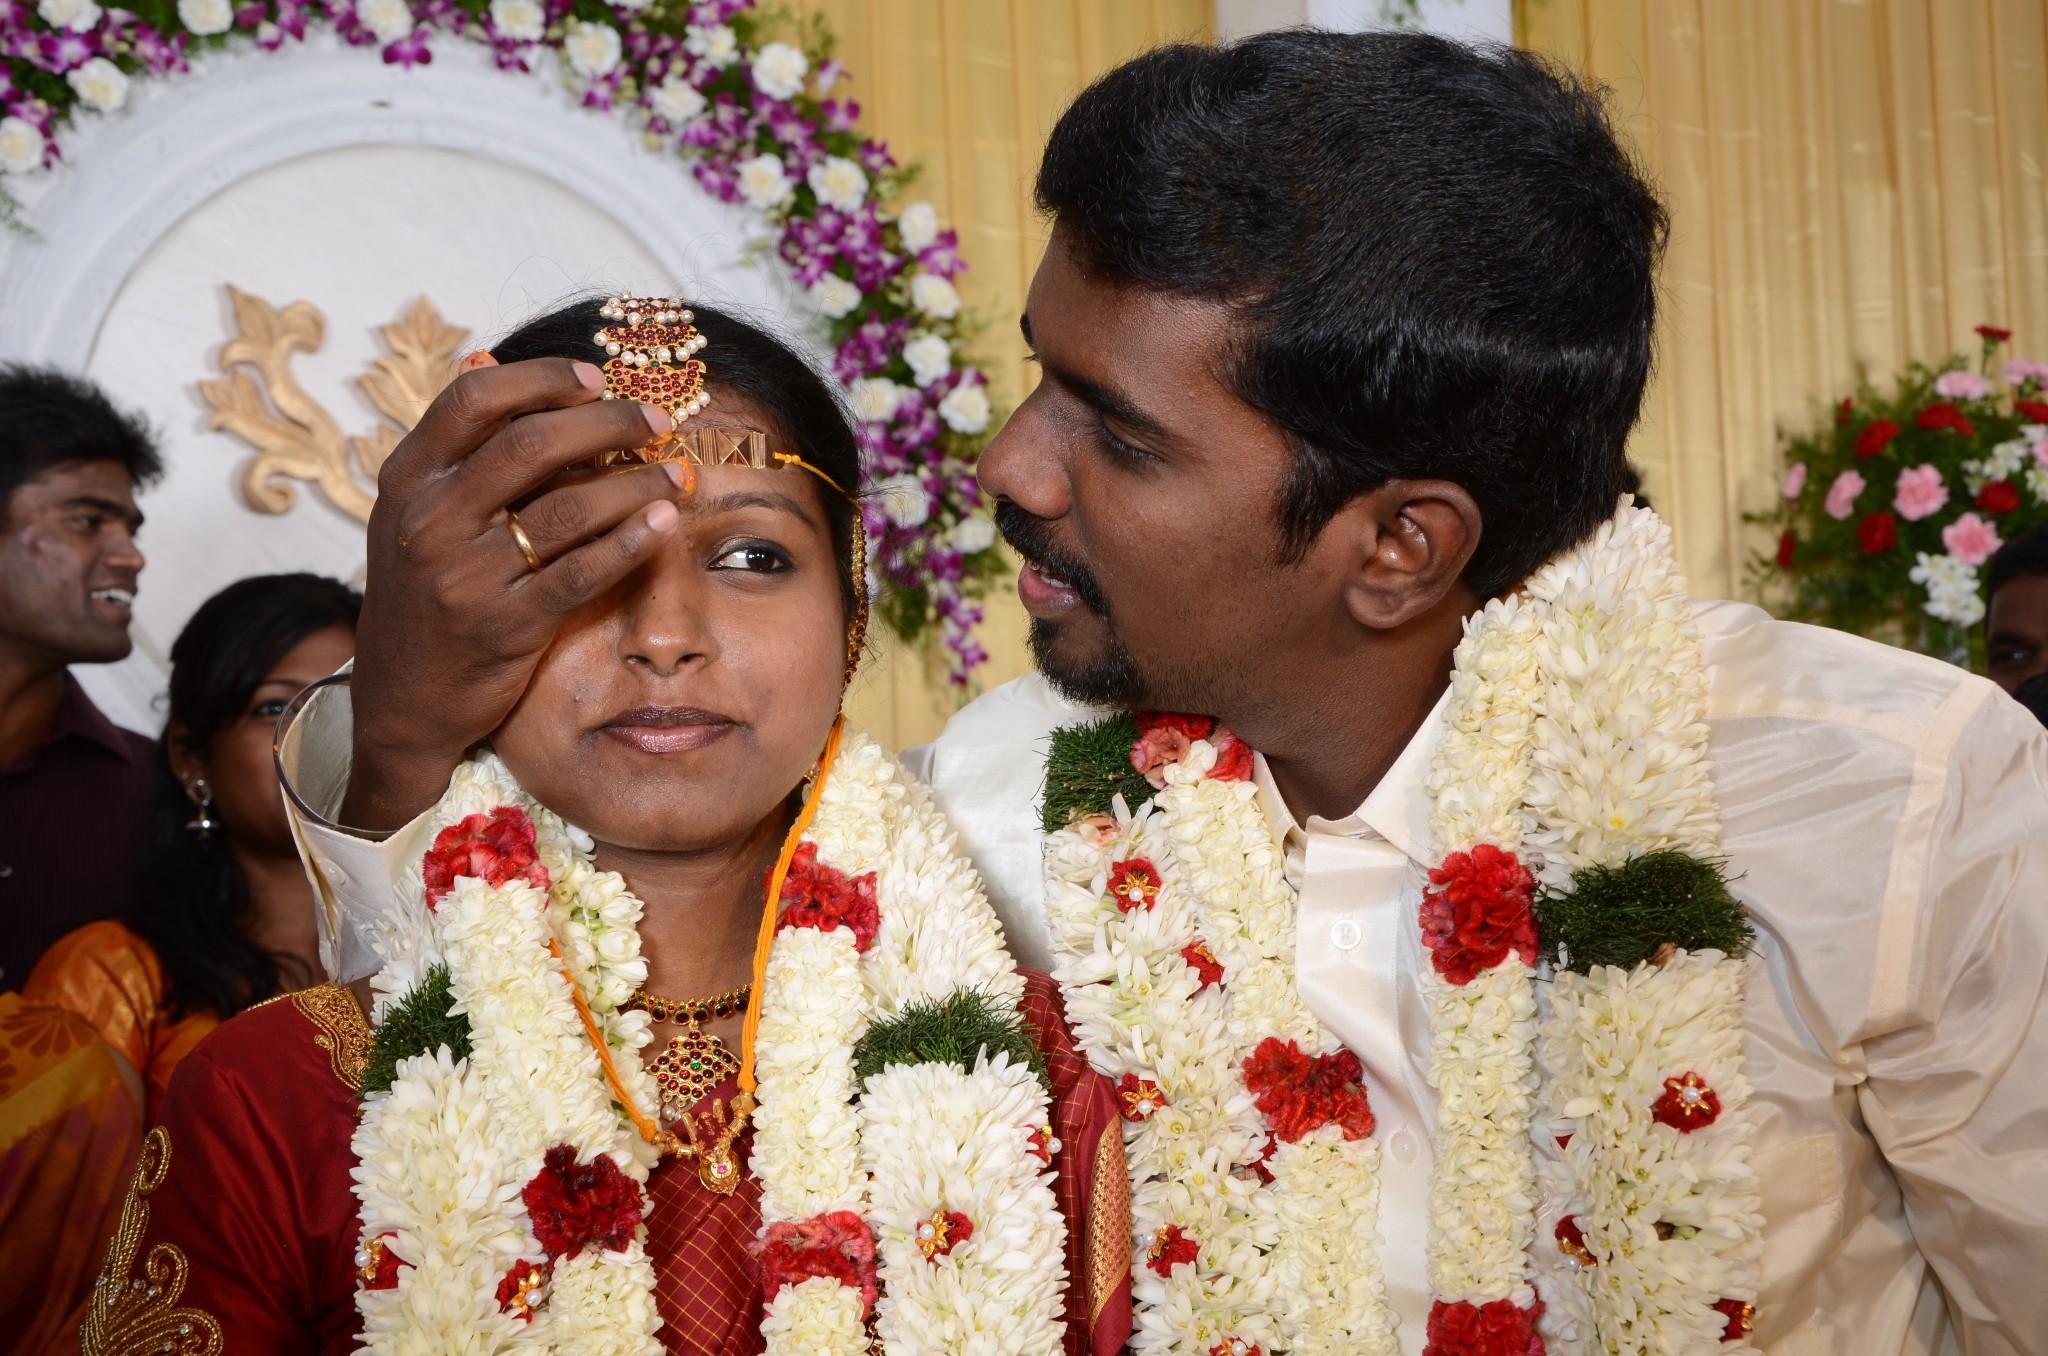 Sangavi and Premkumar Masilamani